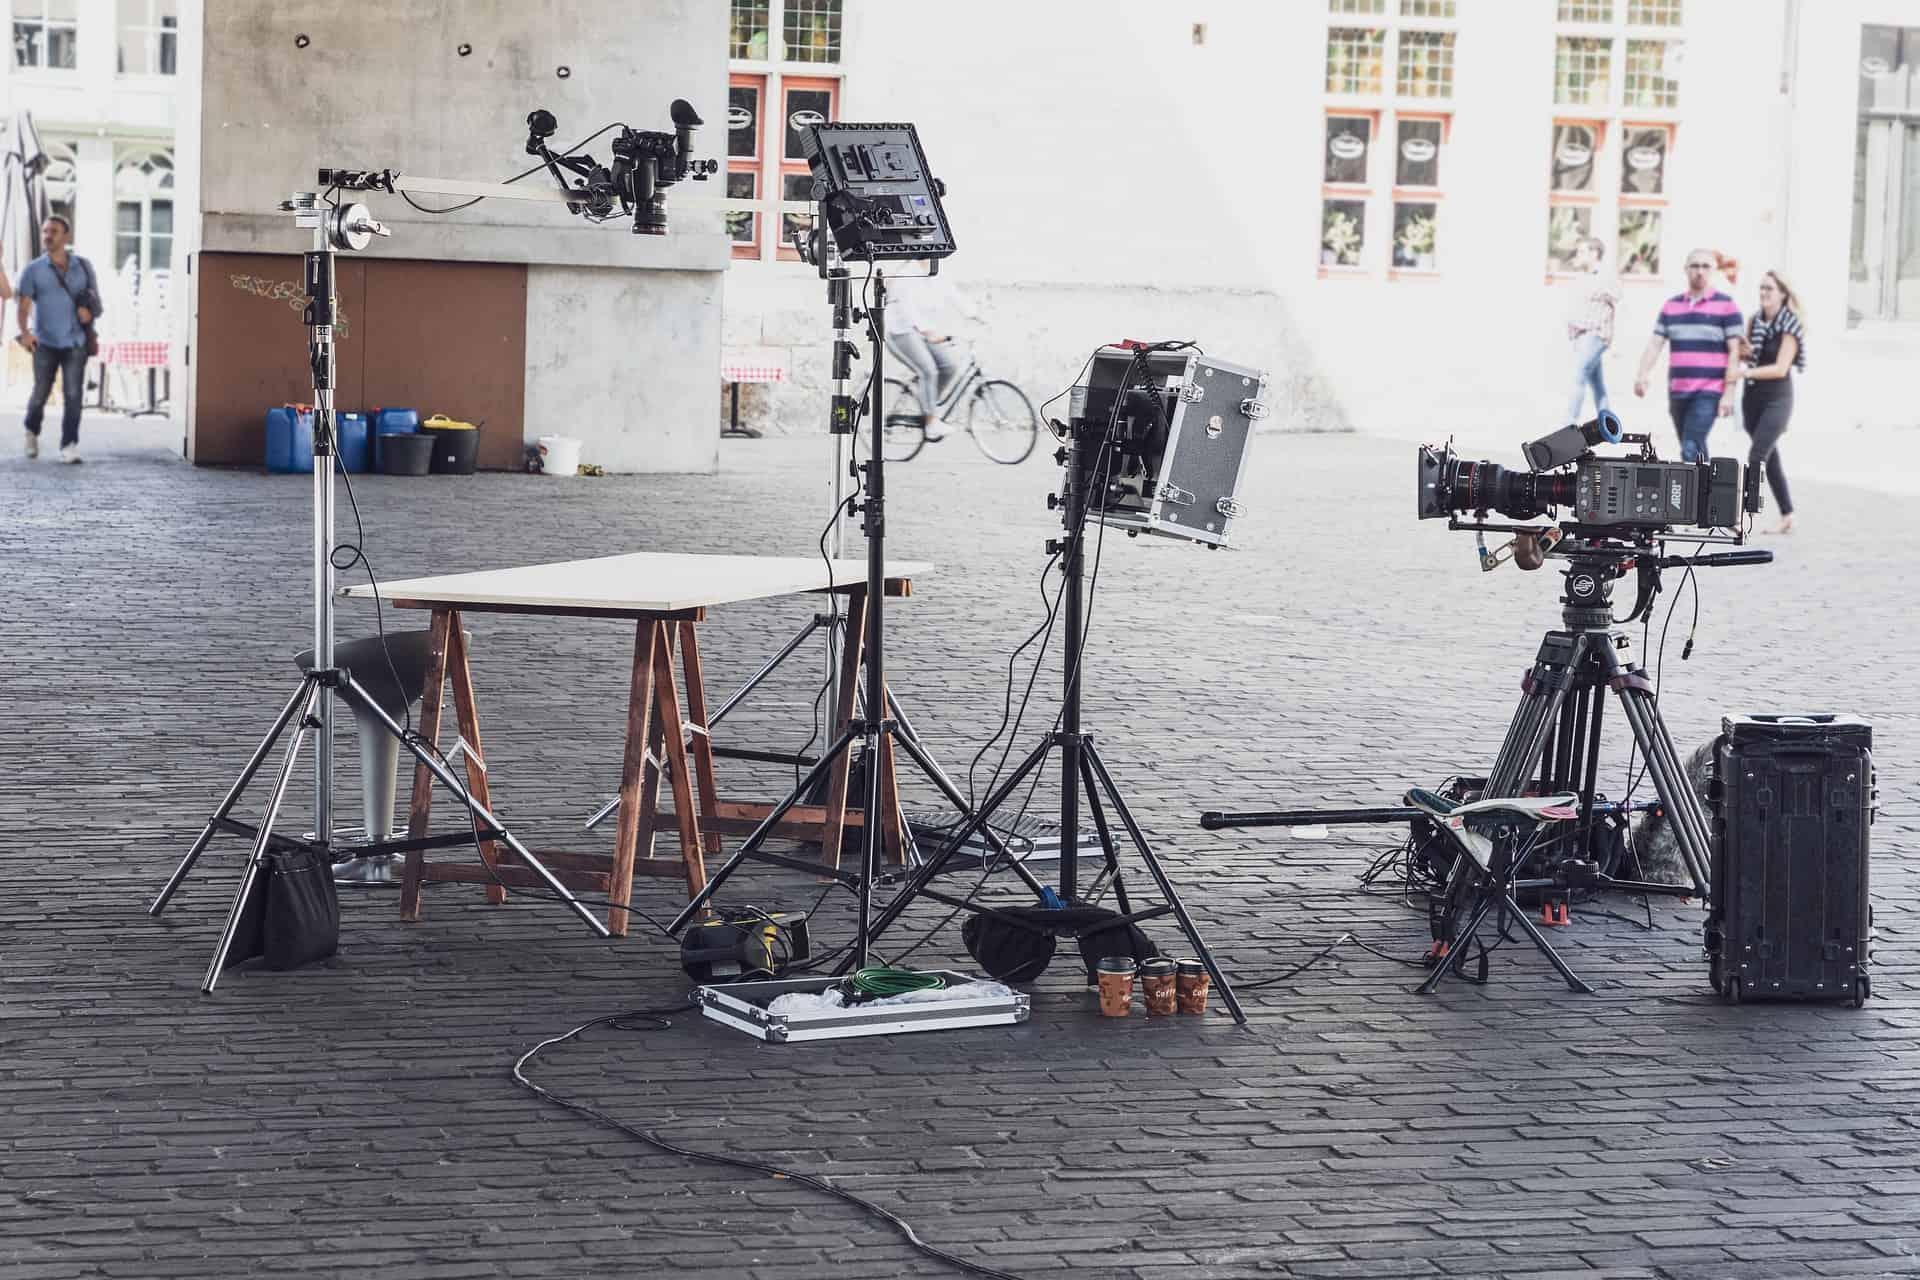 Bavaria Filmstadt München eine Tour durch den Ort als Tages Führung